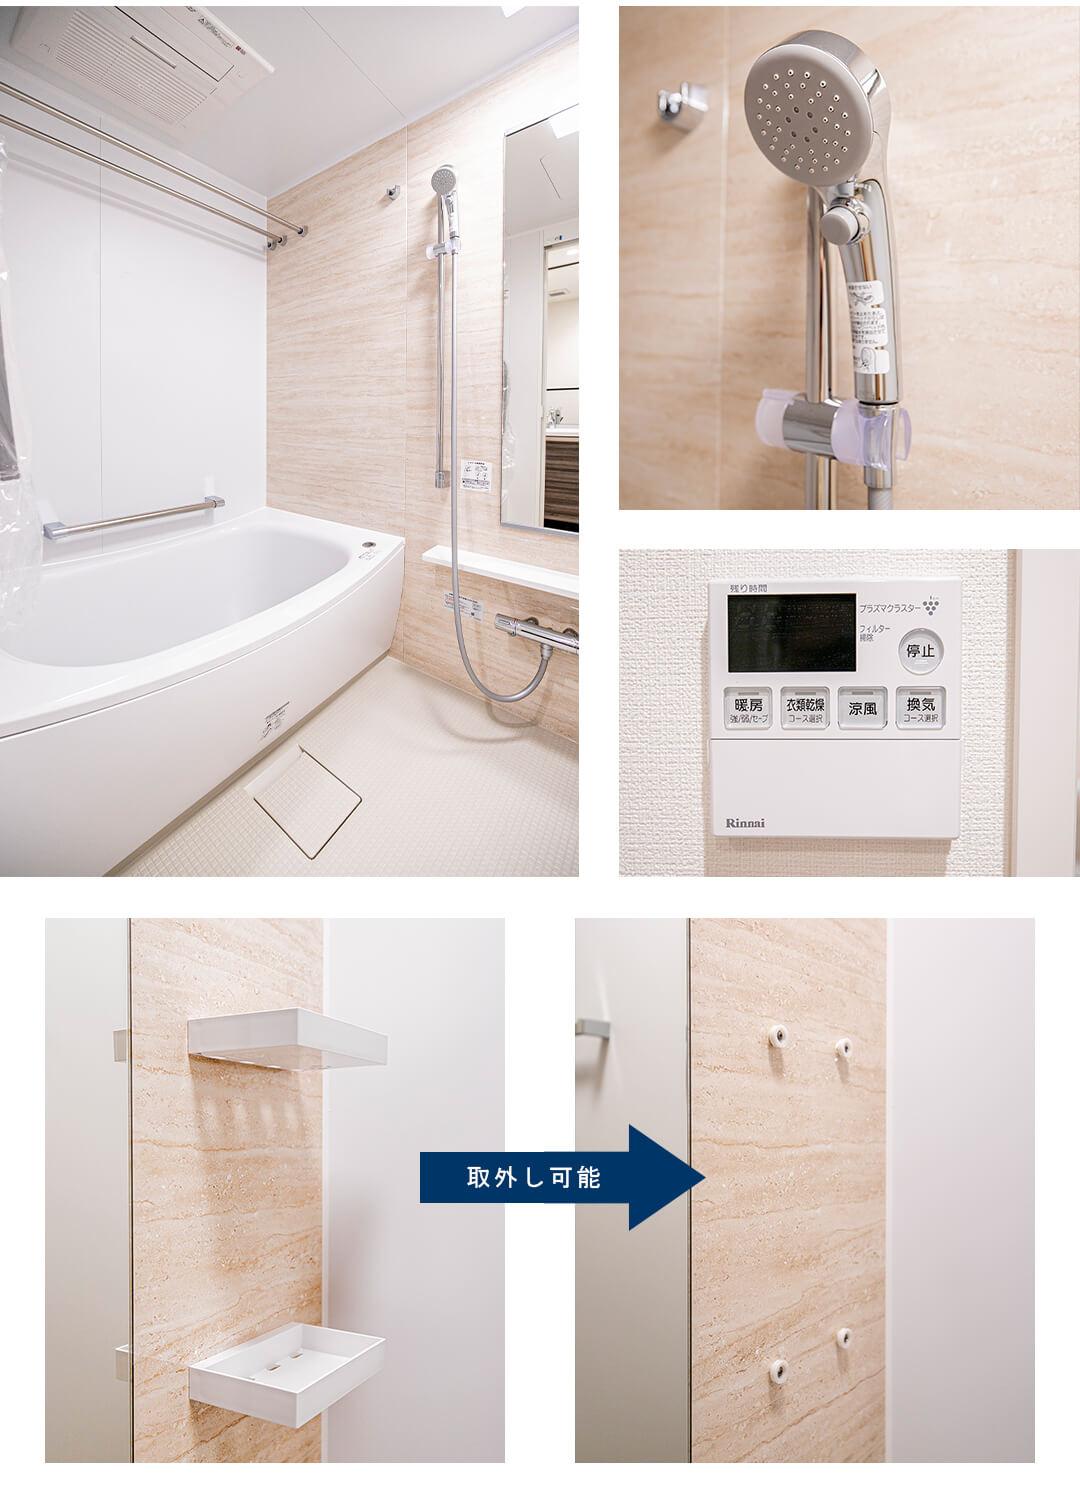 渋谷神山町レジデンスの浴室